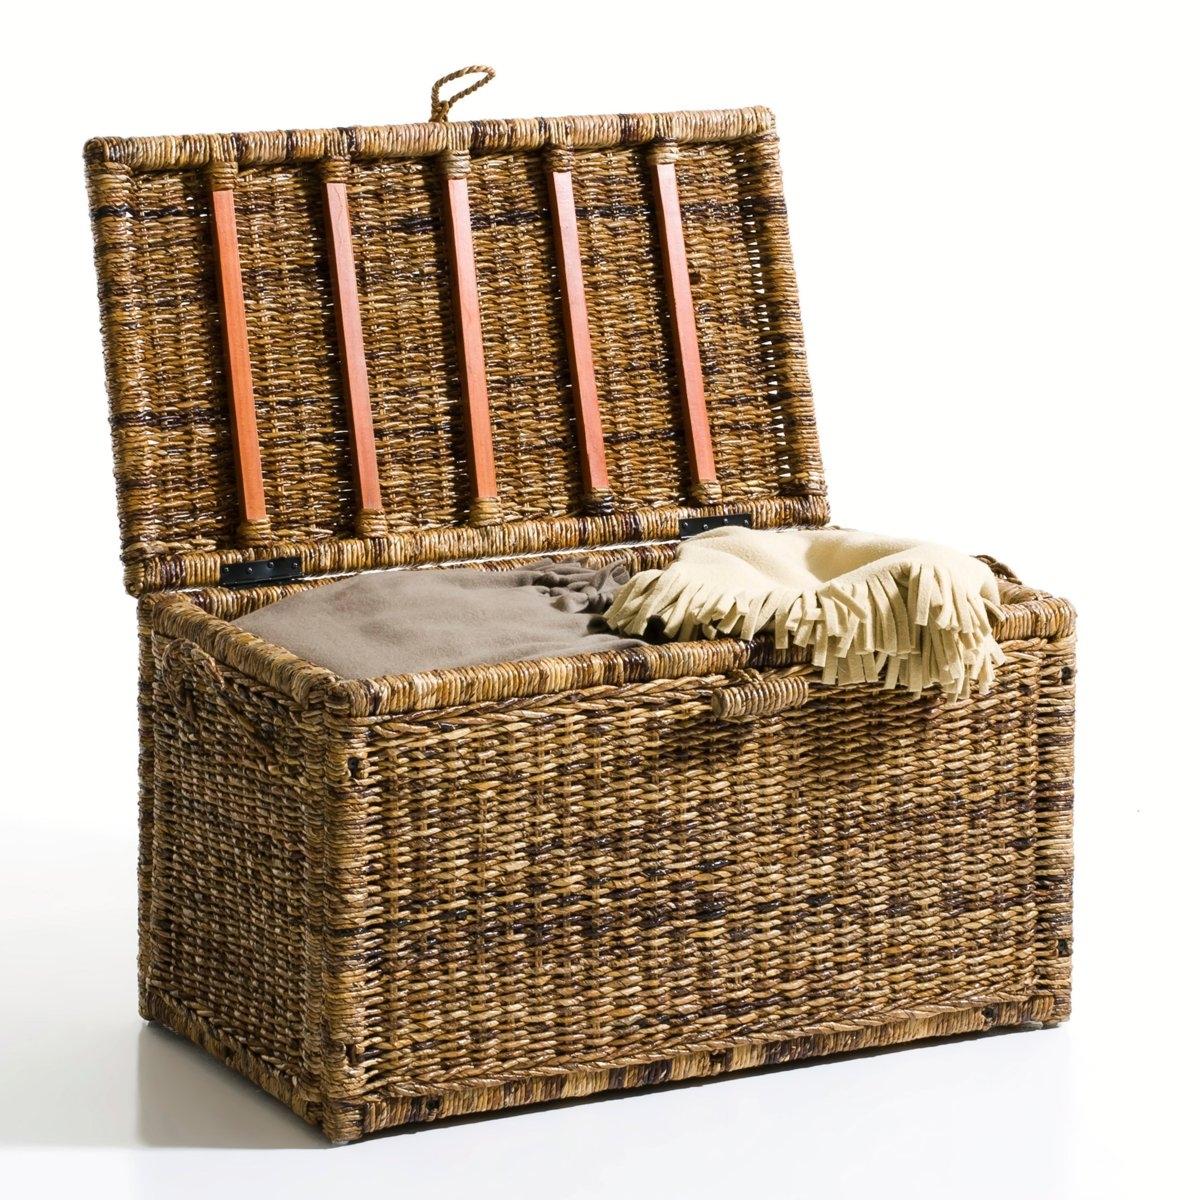 Чемодан деревянный , SemraДеревянный чемодан  Semra : большой  роскошный чемодан, напоминающий те, что были на  чердаках наших бабушек! Они никогда не устареют благодаря своей  невероятной практичности и очарованию : в них поместятся  игрушки, белье, посуда! Описание:ручки  с обеих сторон .Внутренняя отделка- кожзаменитель .Характеристики :Из абакового дерева . Плотное дно со складками не повредит пол .на завязках . Поставляется в разобранном виде.больше чемоданов на нашем сайте .Размеры :Длина : 90 смВысота : 50 смГлубина : 50 смразмеры ящика:L101 x H16 x P90 см.<br><br>Цвет: серо-бежевый